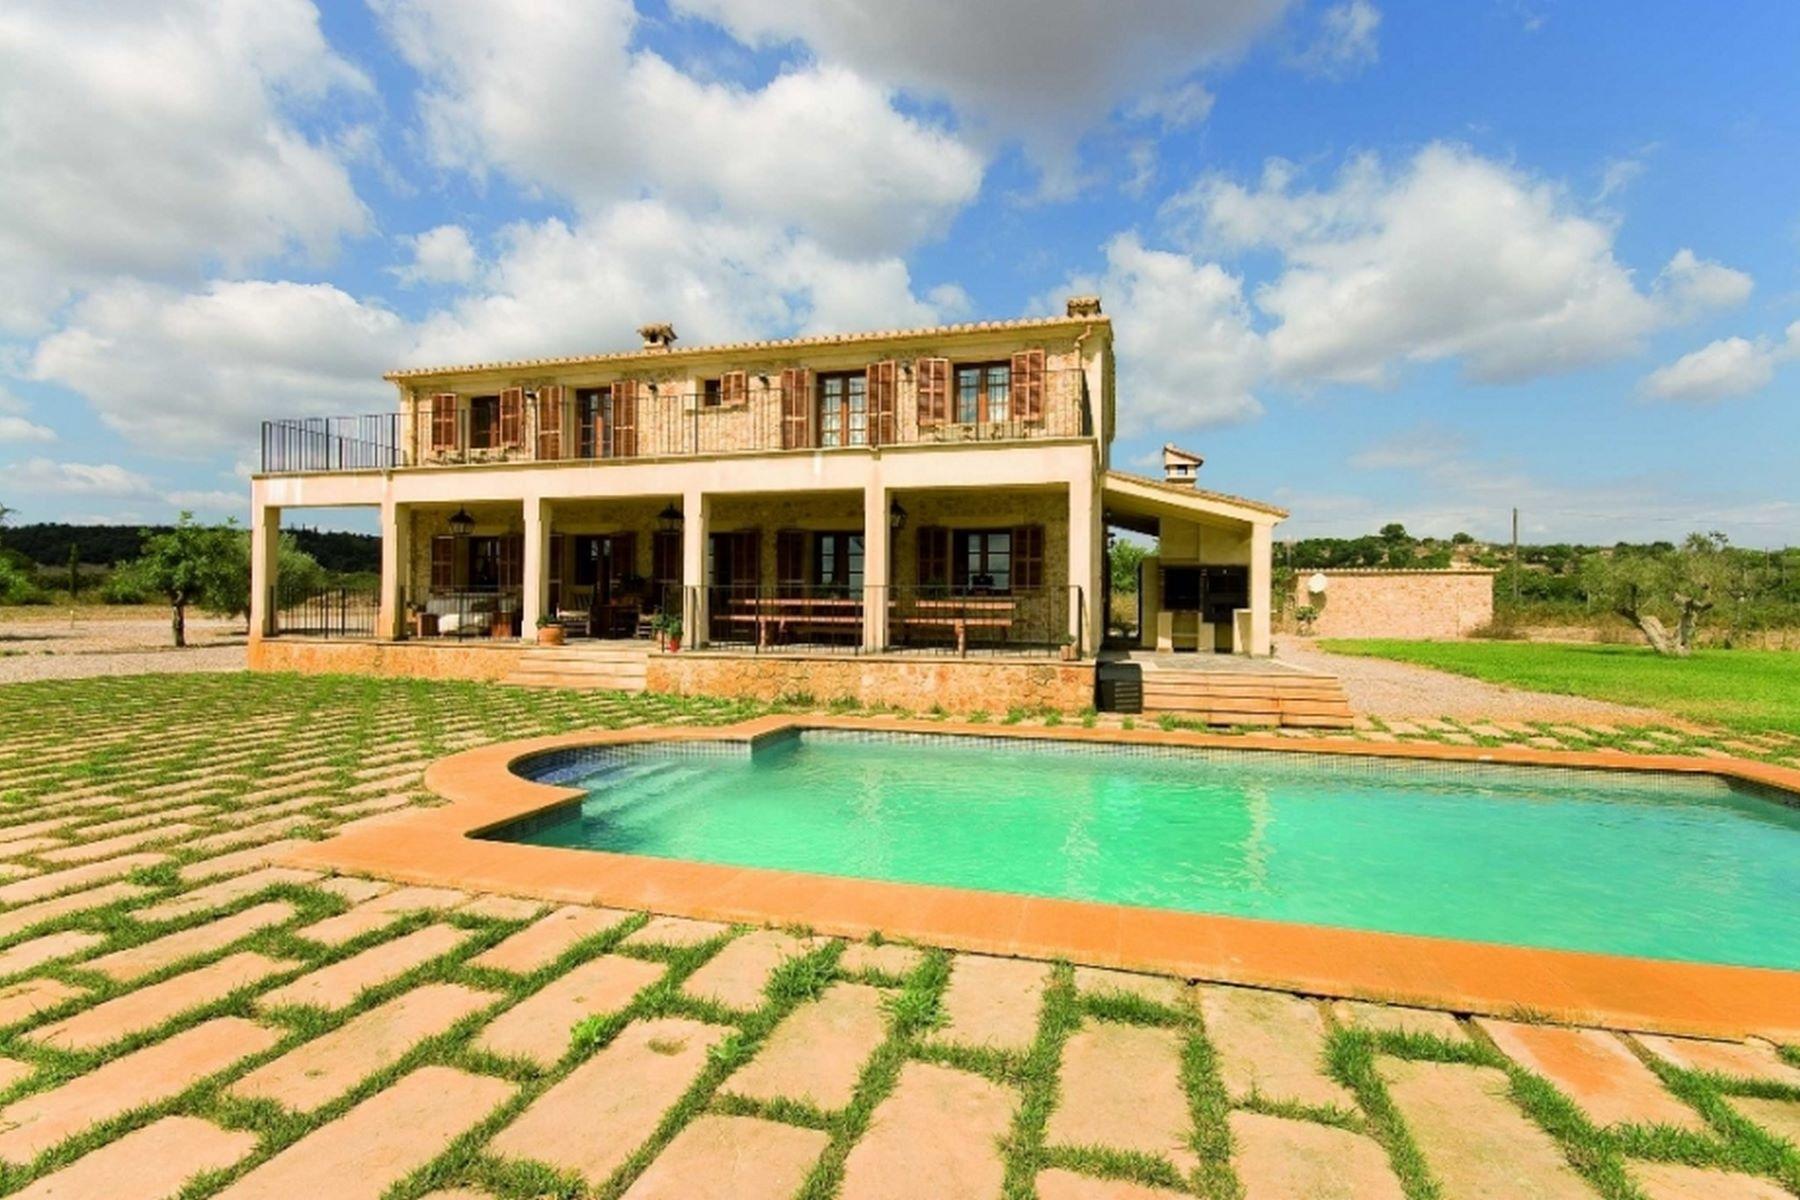 단독 가정 주택 용 매매 에 Rustic finca with guest house in Sineu Sineu, 말로카, 스페인